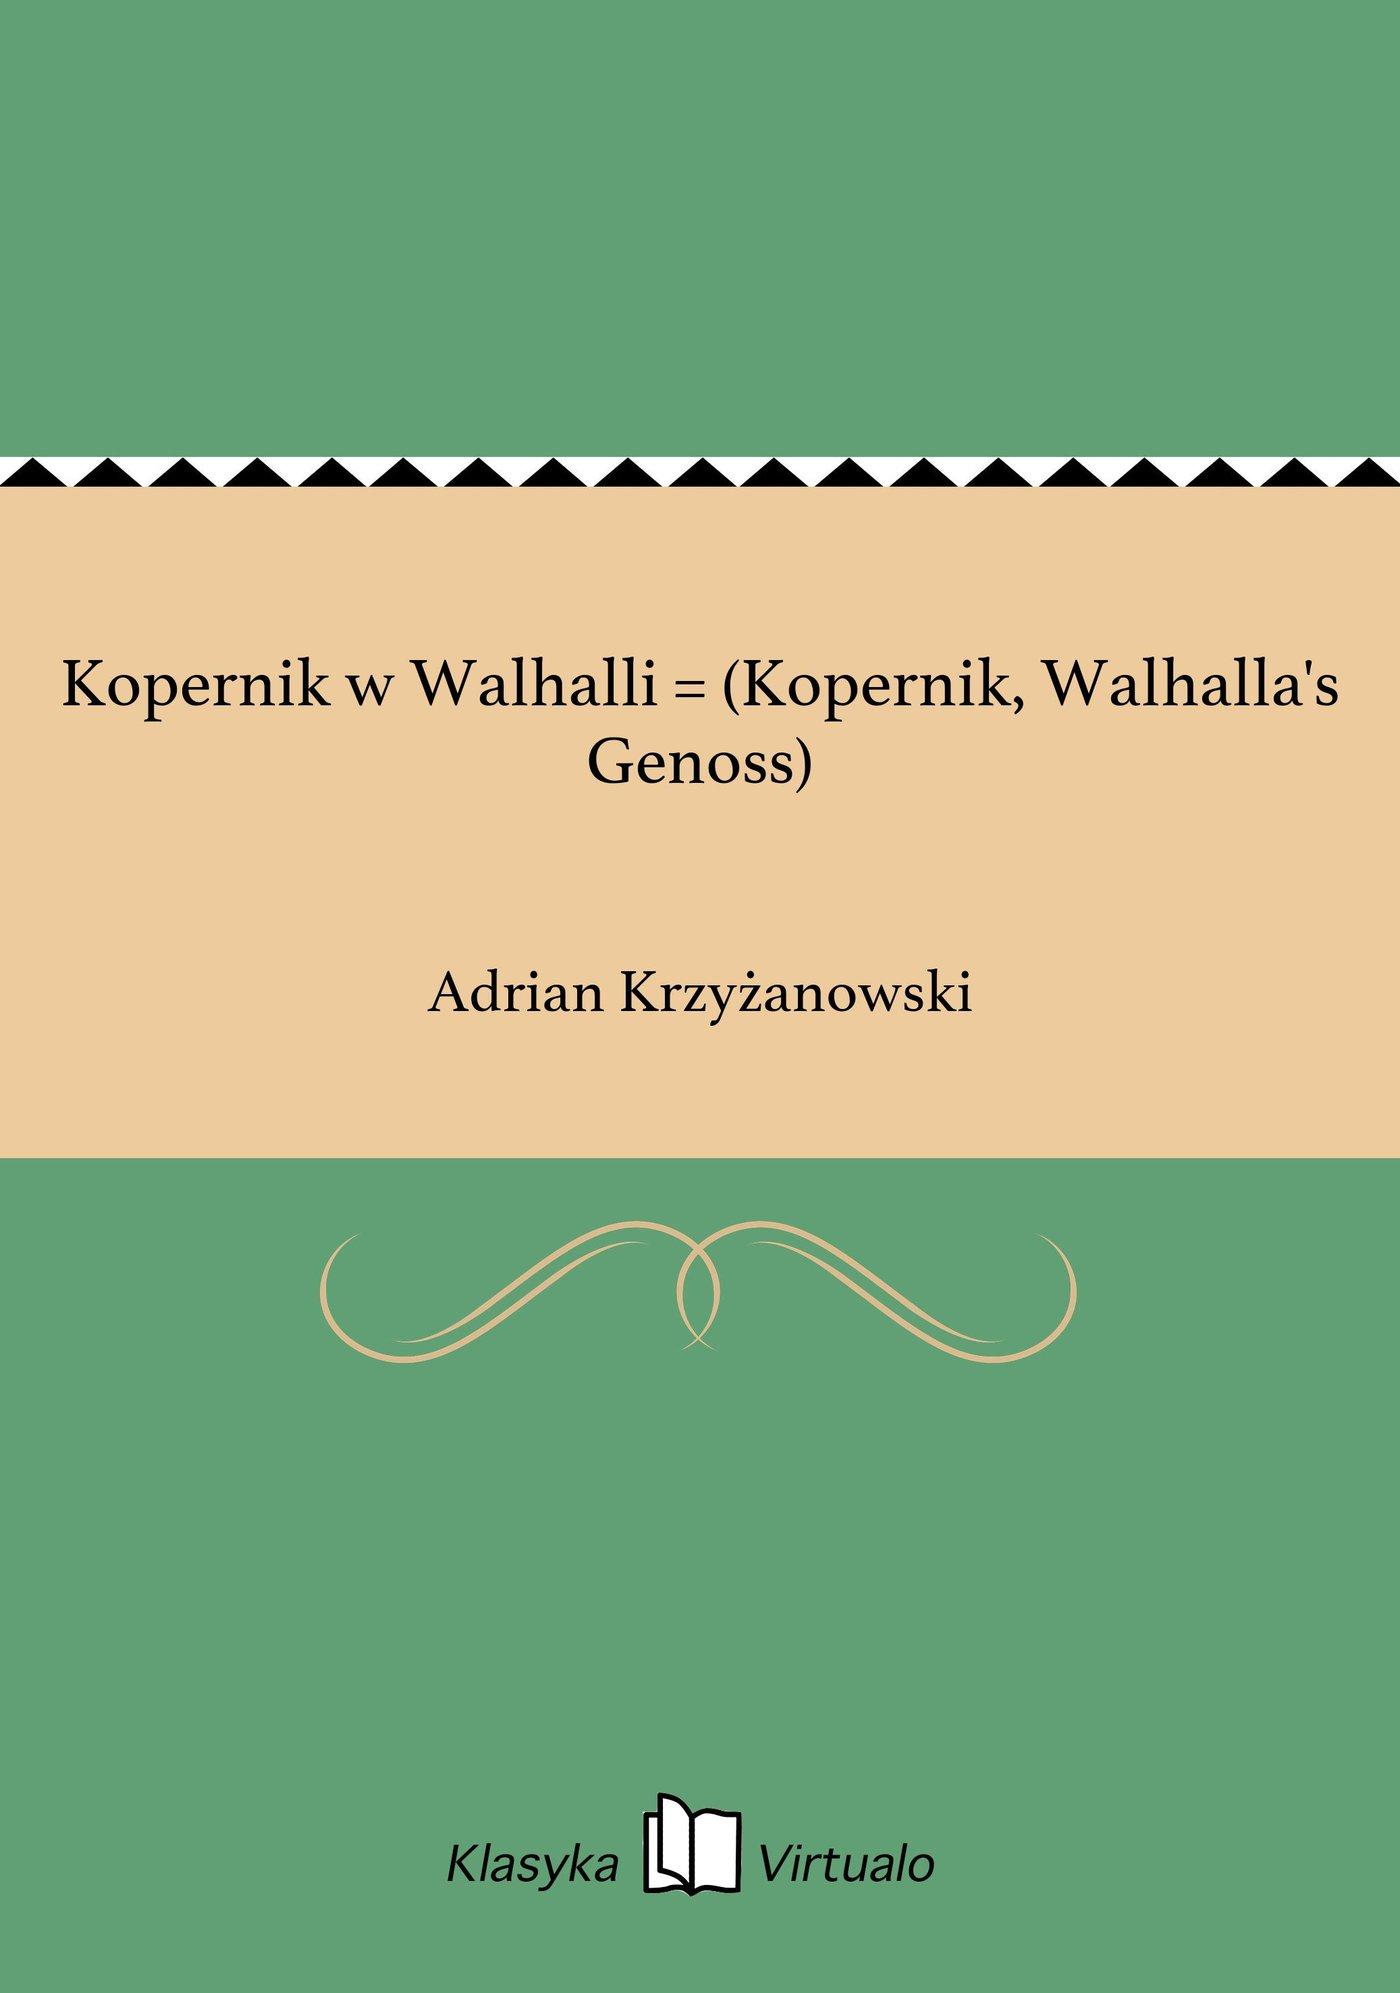 Kopernik w Walhalli = (Kopernik, Walhalla's Genoss) - Ebook (Książka EPUB) do pobrania w formacie EPUB